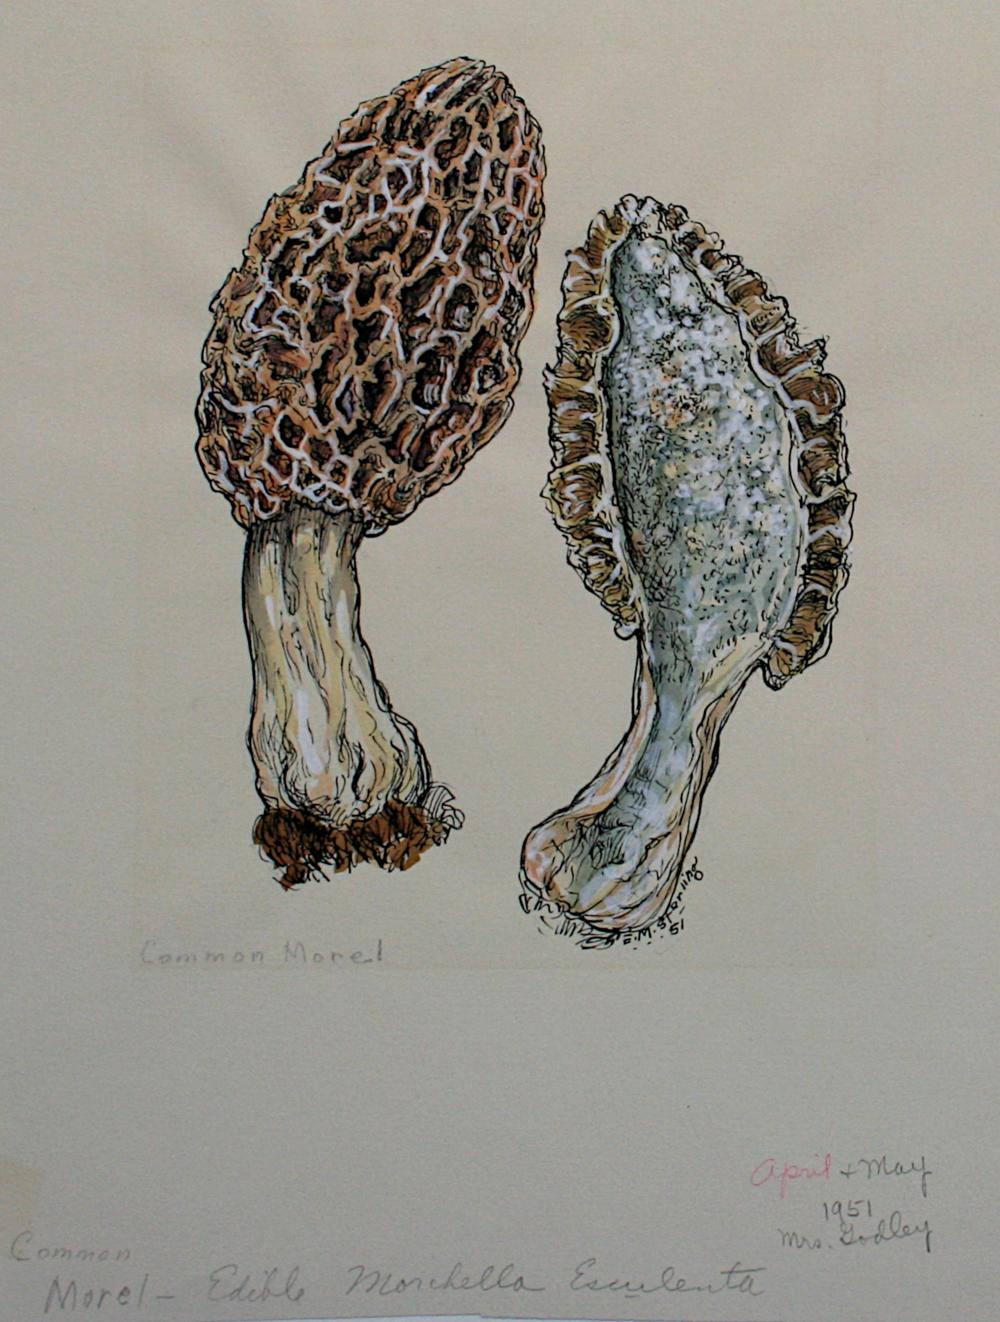 Common Morel